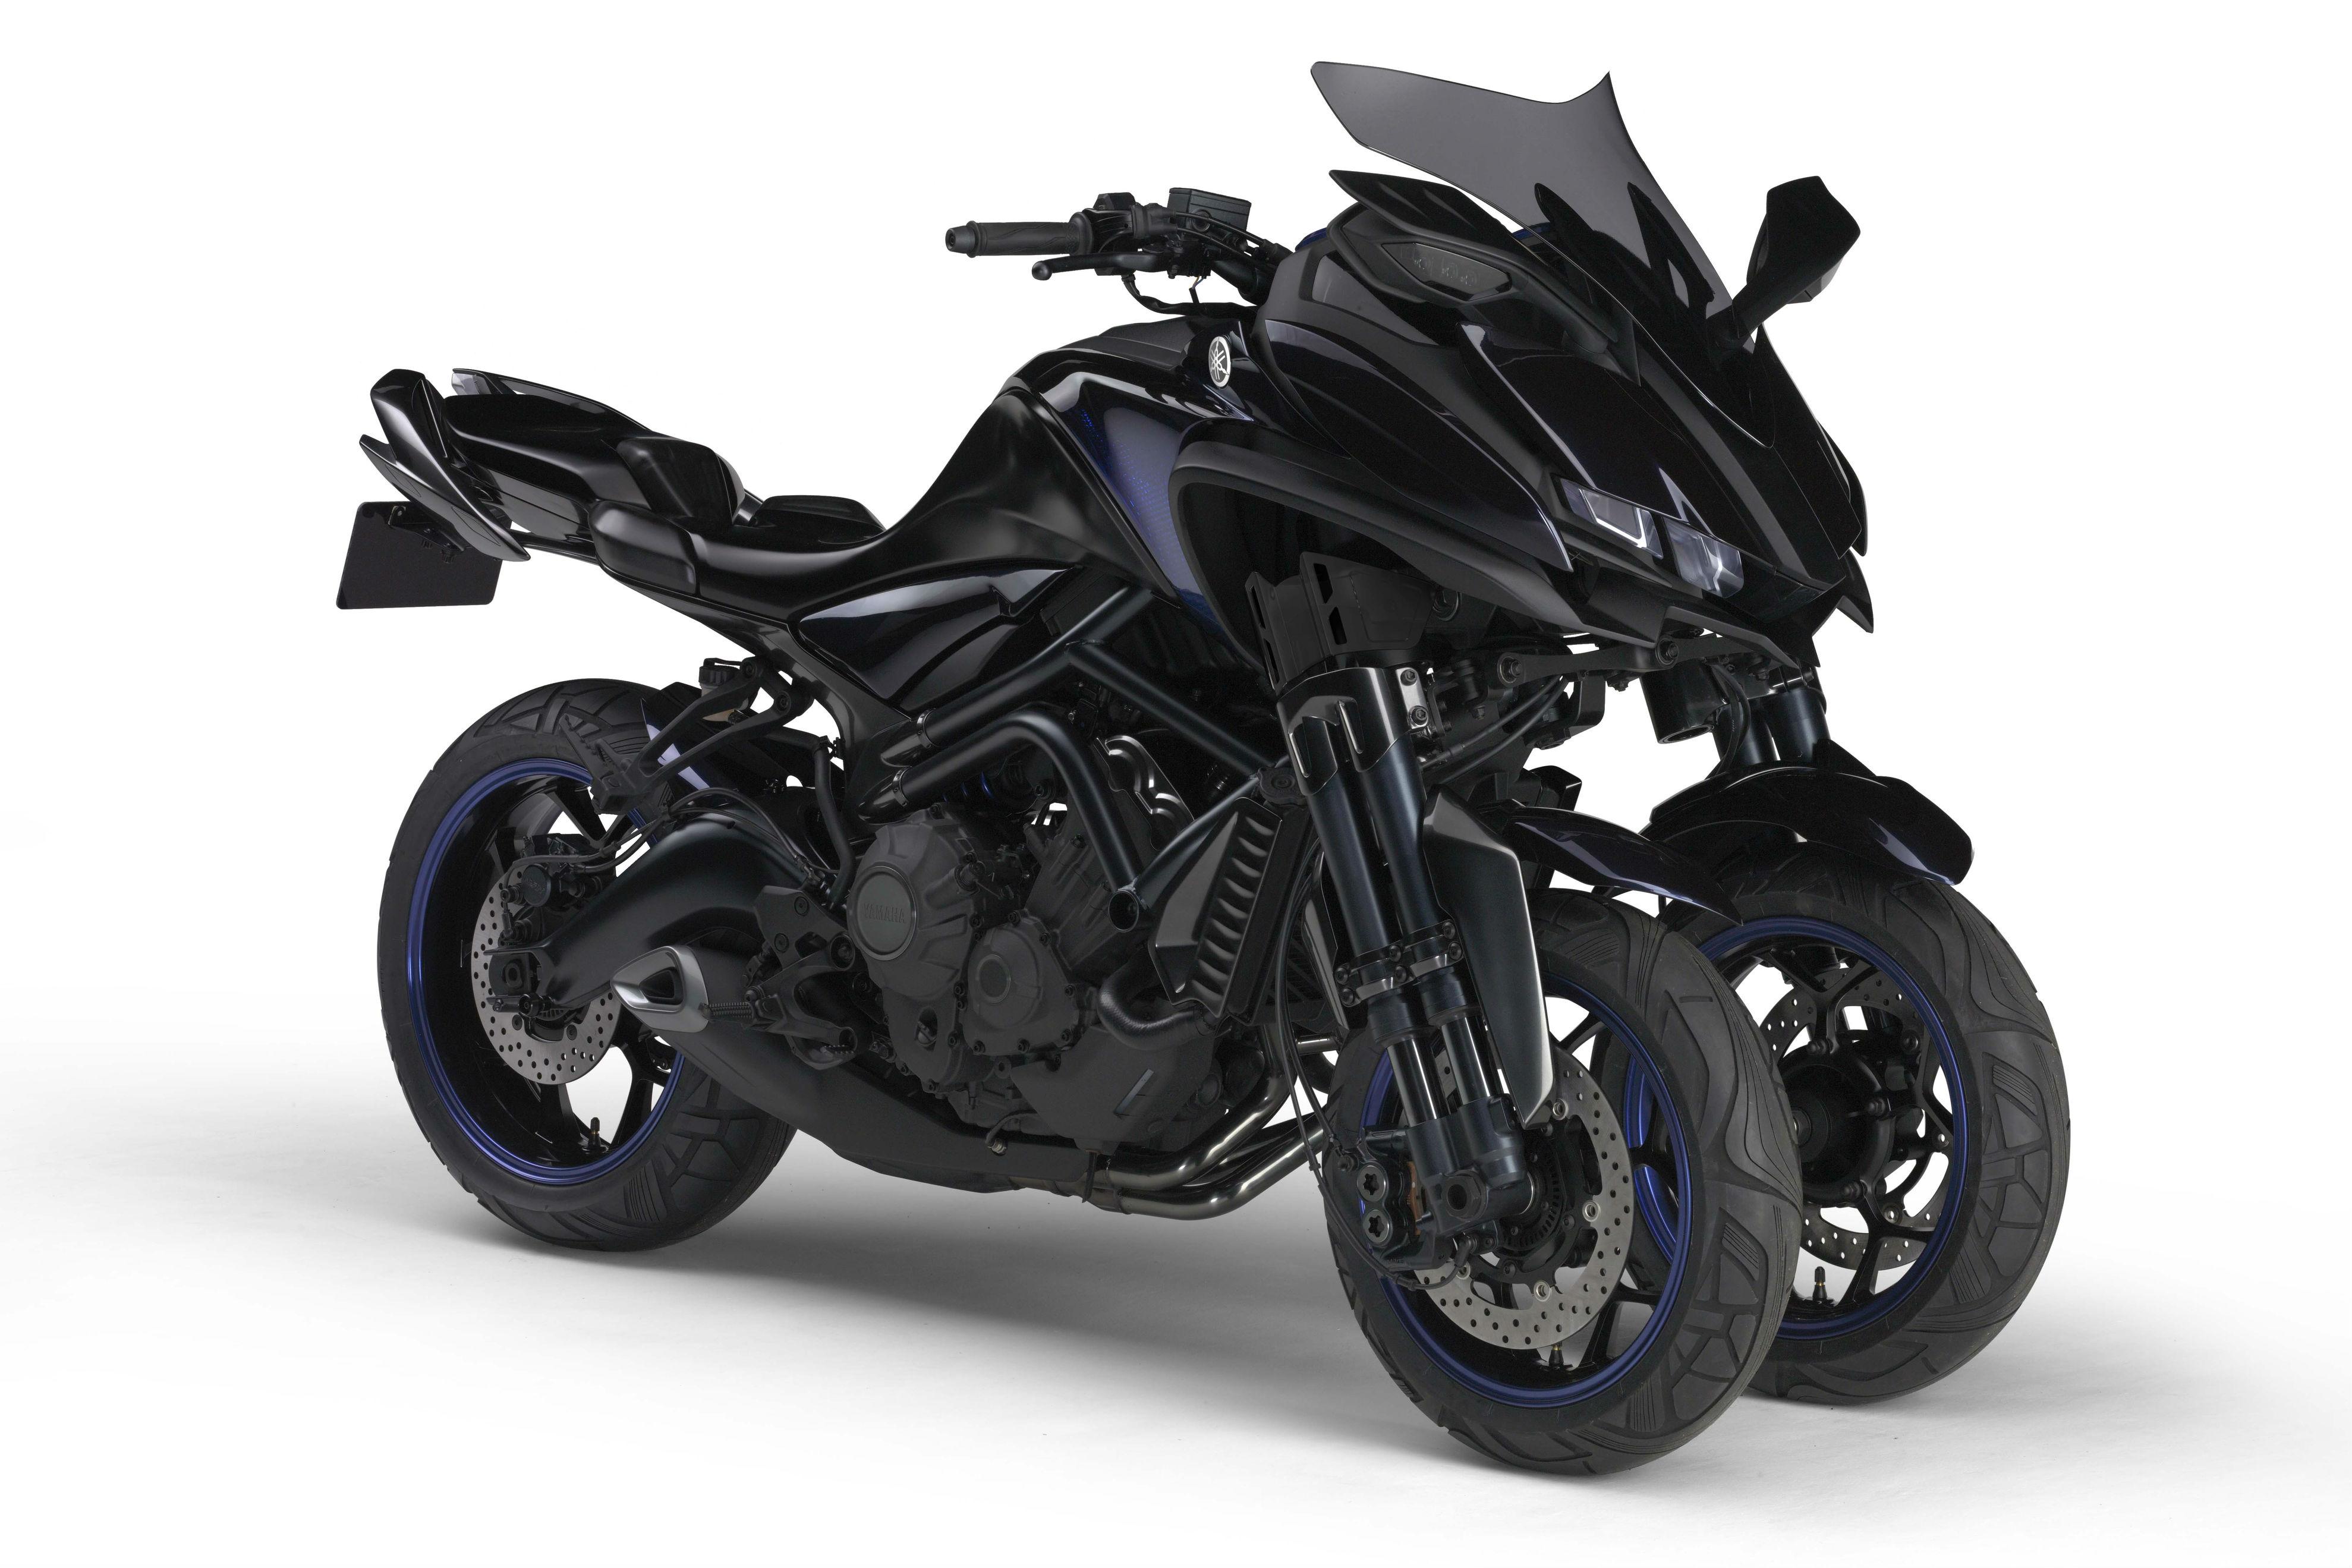 Yamaha hints at MWT-9 launch by 2018